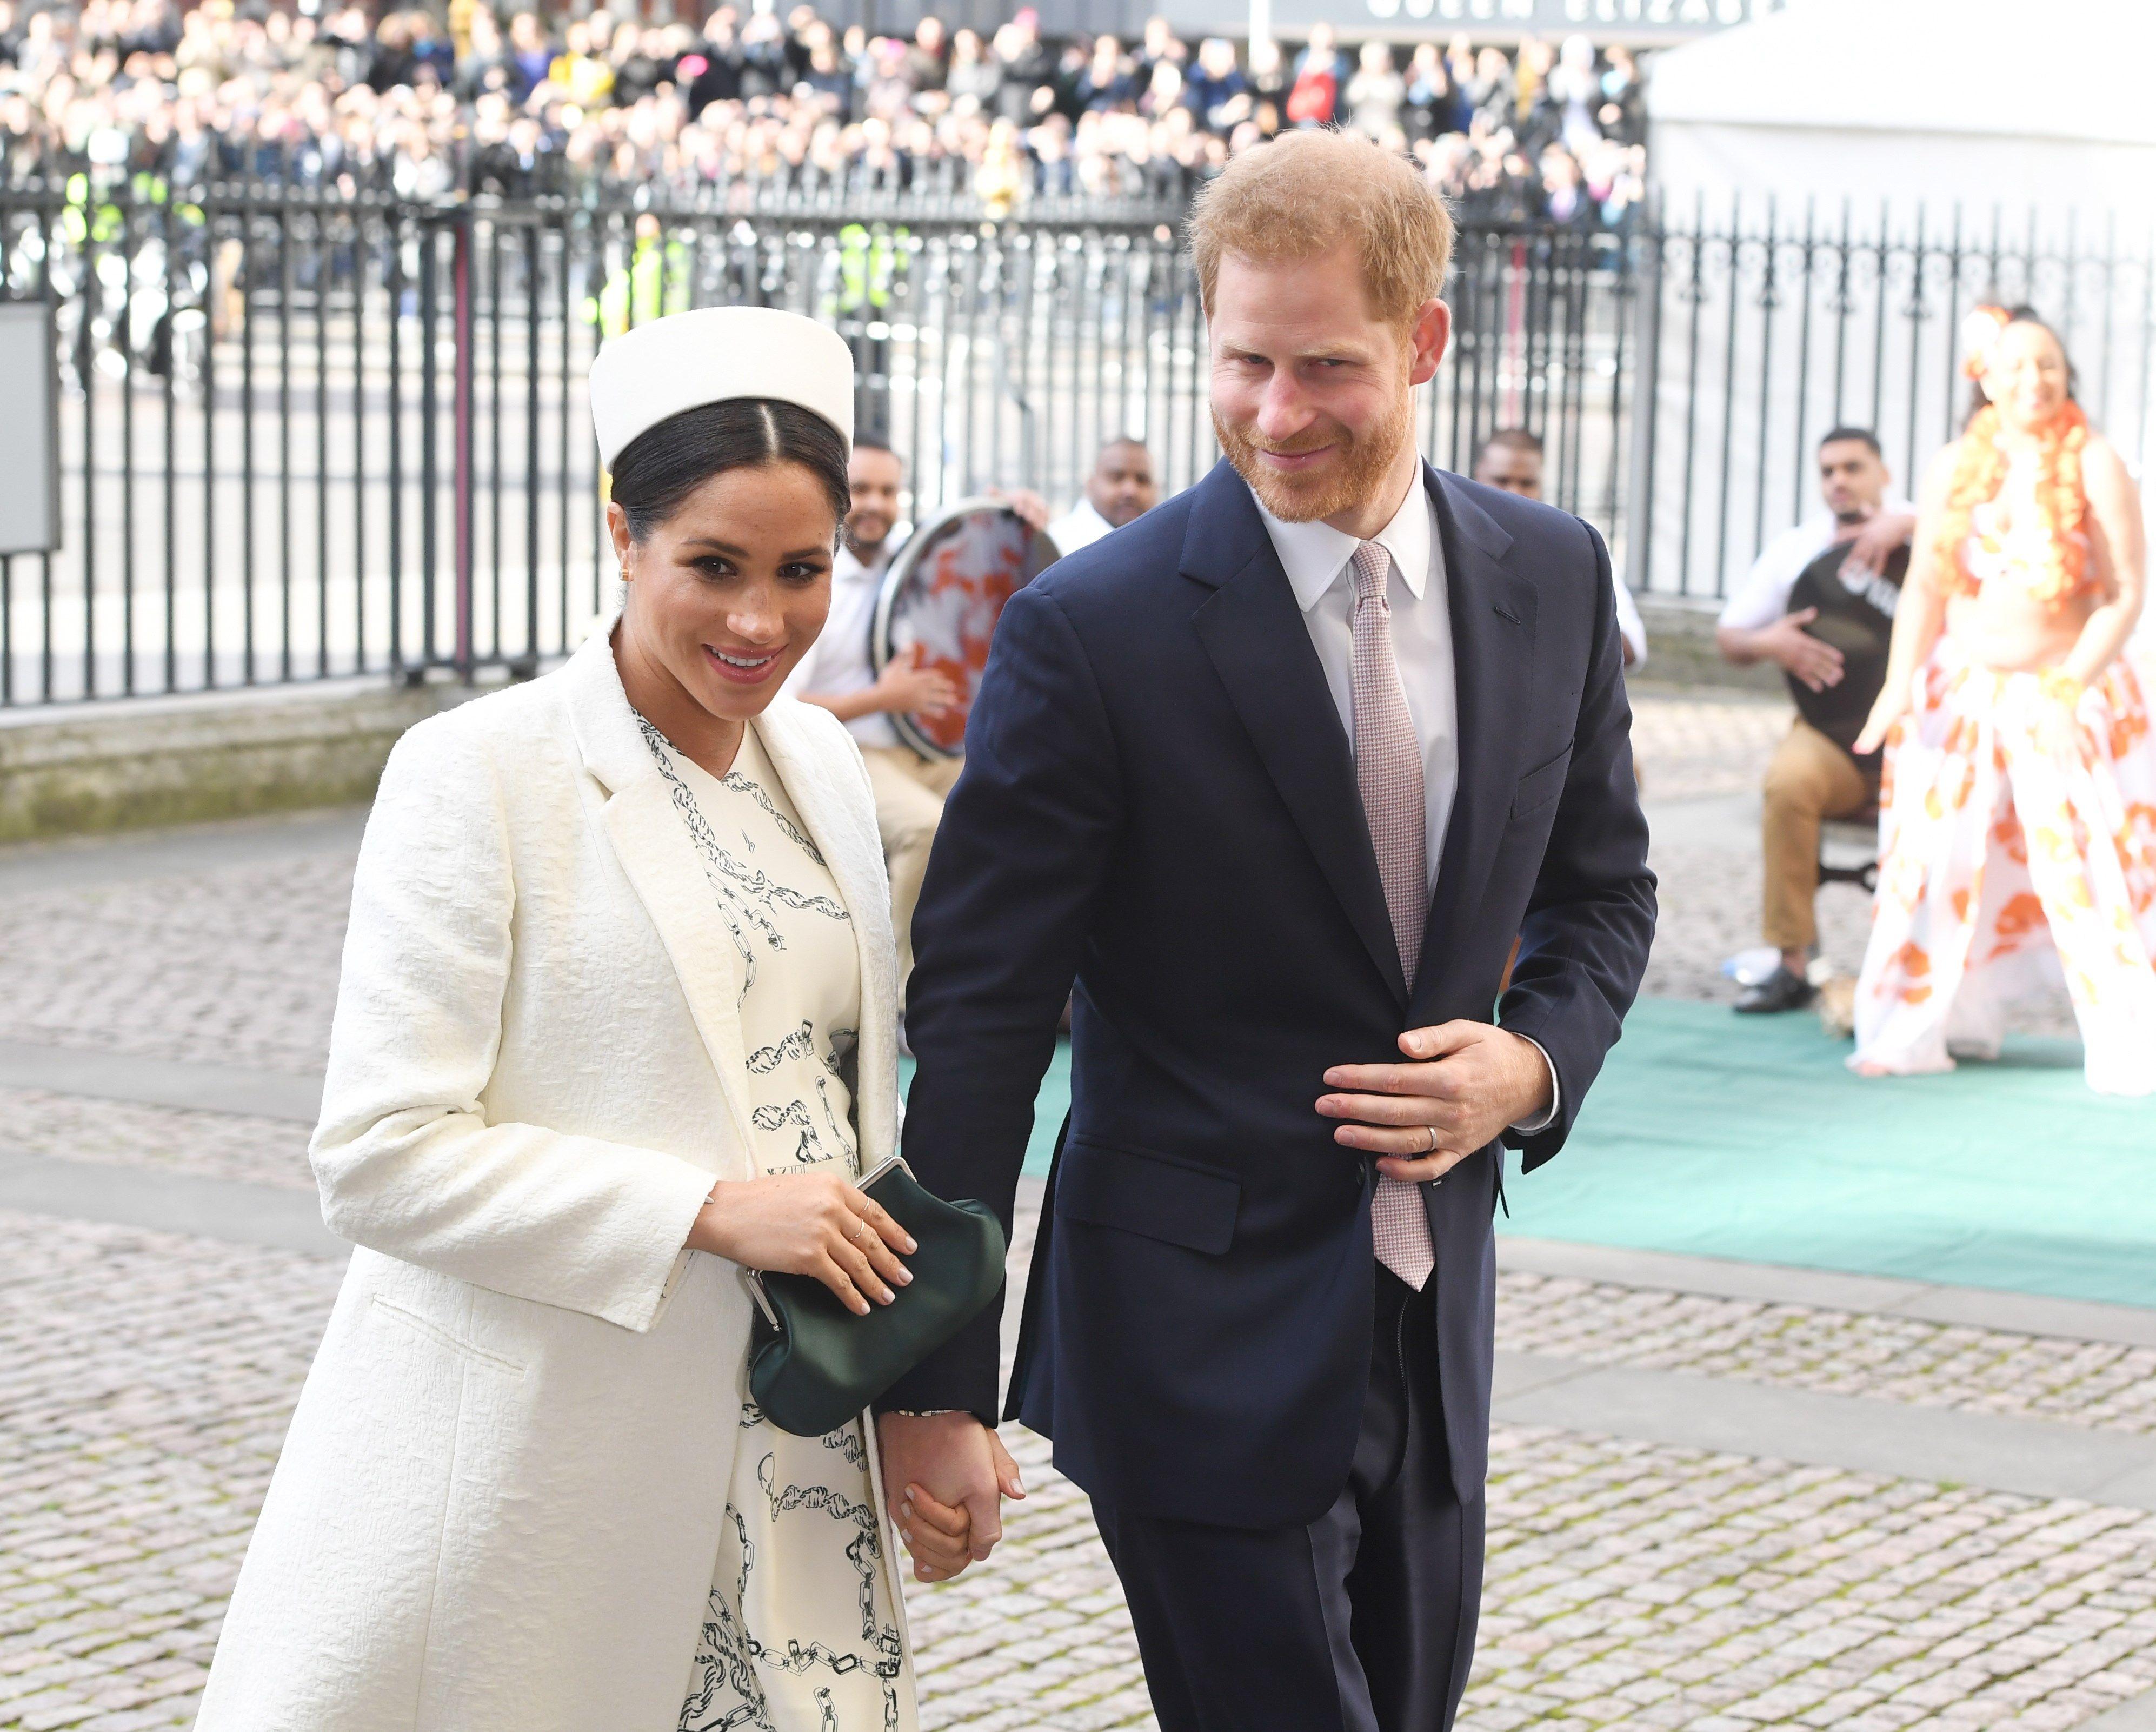 En marzo de 2019 la pareja anunció que tendrían una casa oficial independiente del Palacio de Kensington, pero poco después se emitió un comunicado que decía que la reina Elizabeth II de Inglaterra no había dado autorización para ese trámite. (Archivo)